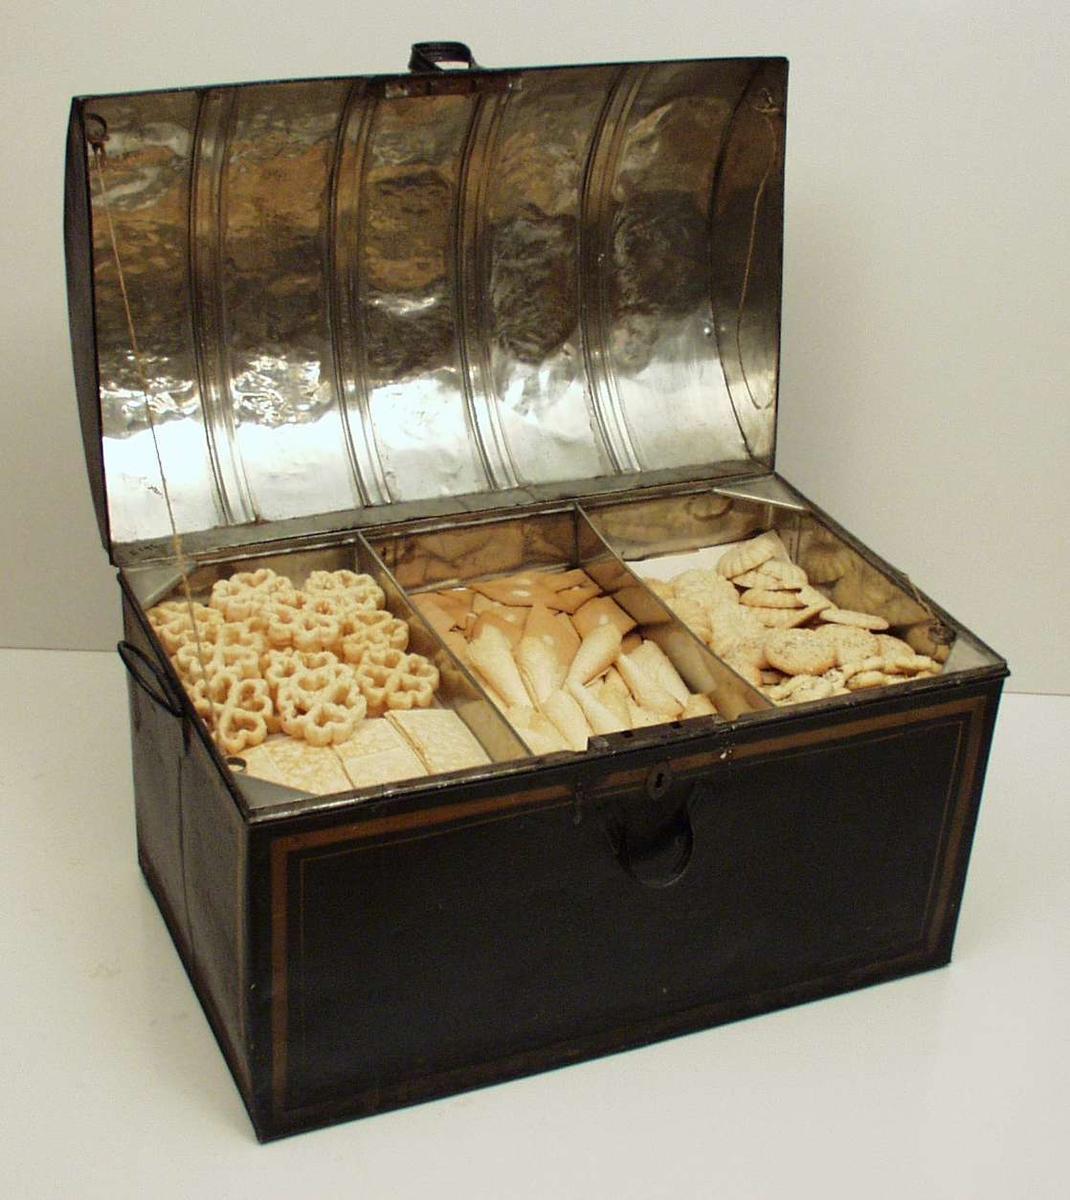 Buet lokk. Tilsammen fire håndtak på lokk og koffert. Kofferten er låsbar. Innvendig er den tredelt.